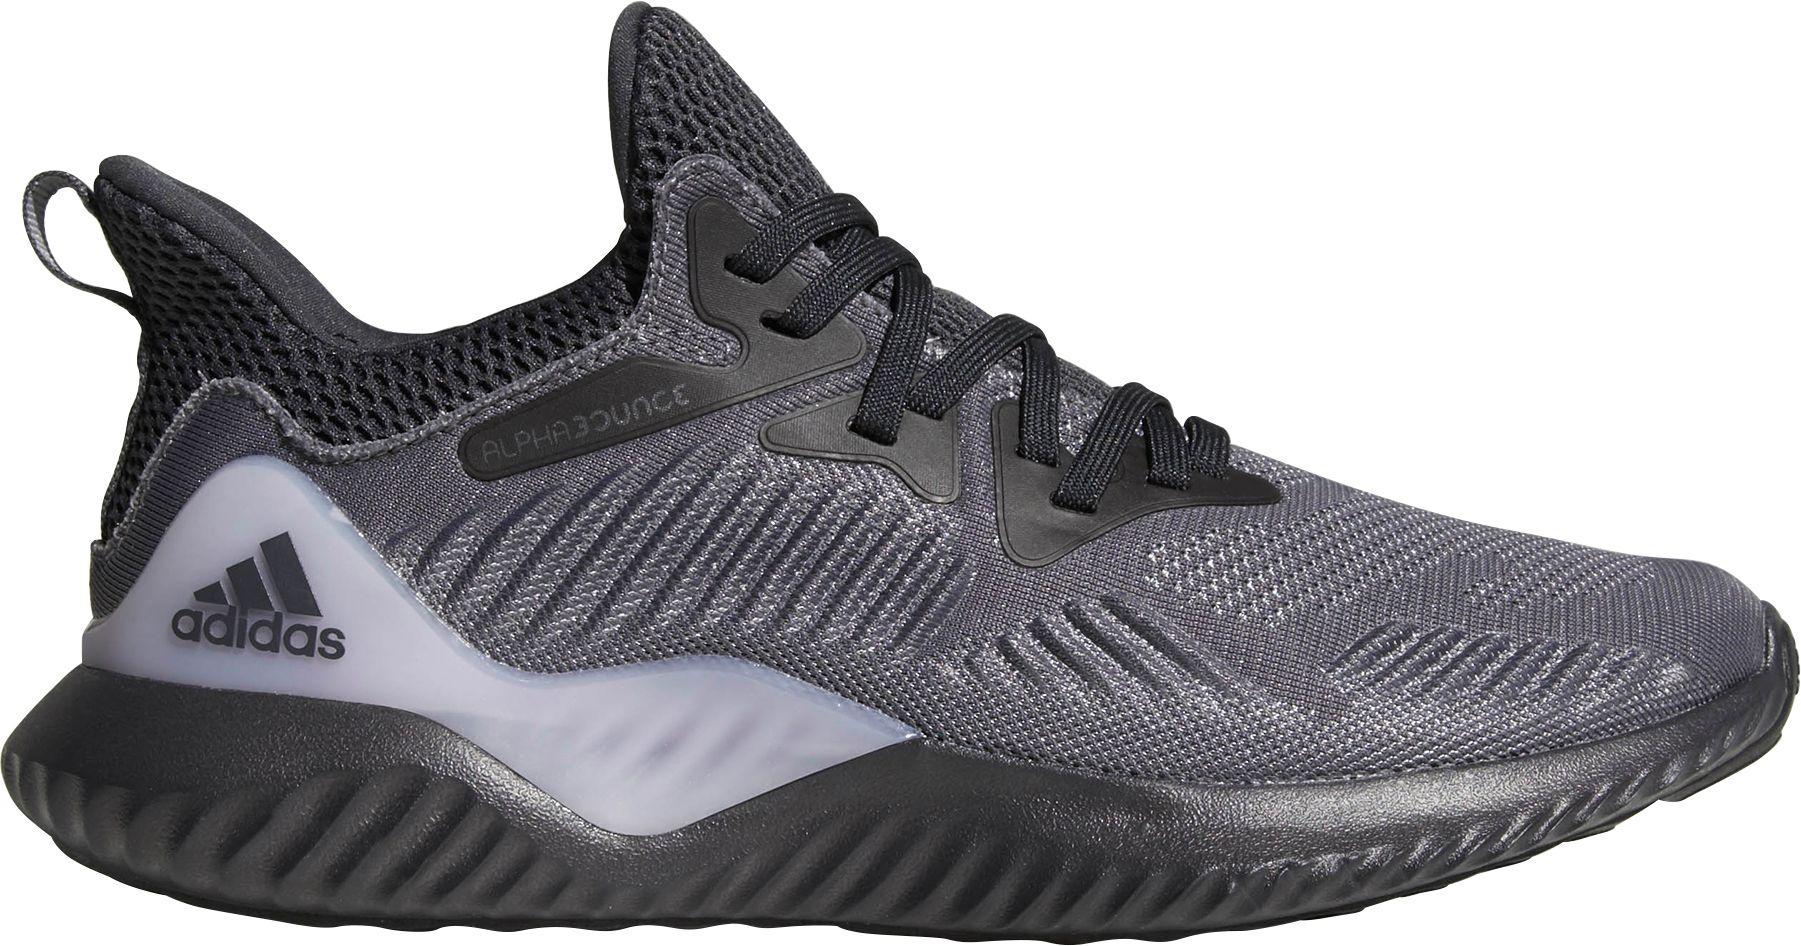 timeless design e0f1c d9041 adidas Womens Alphabounce Beyond Running Shoes, Black